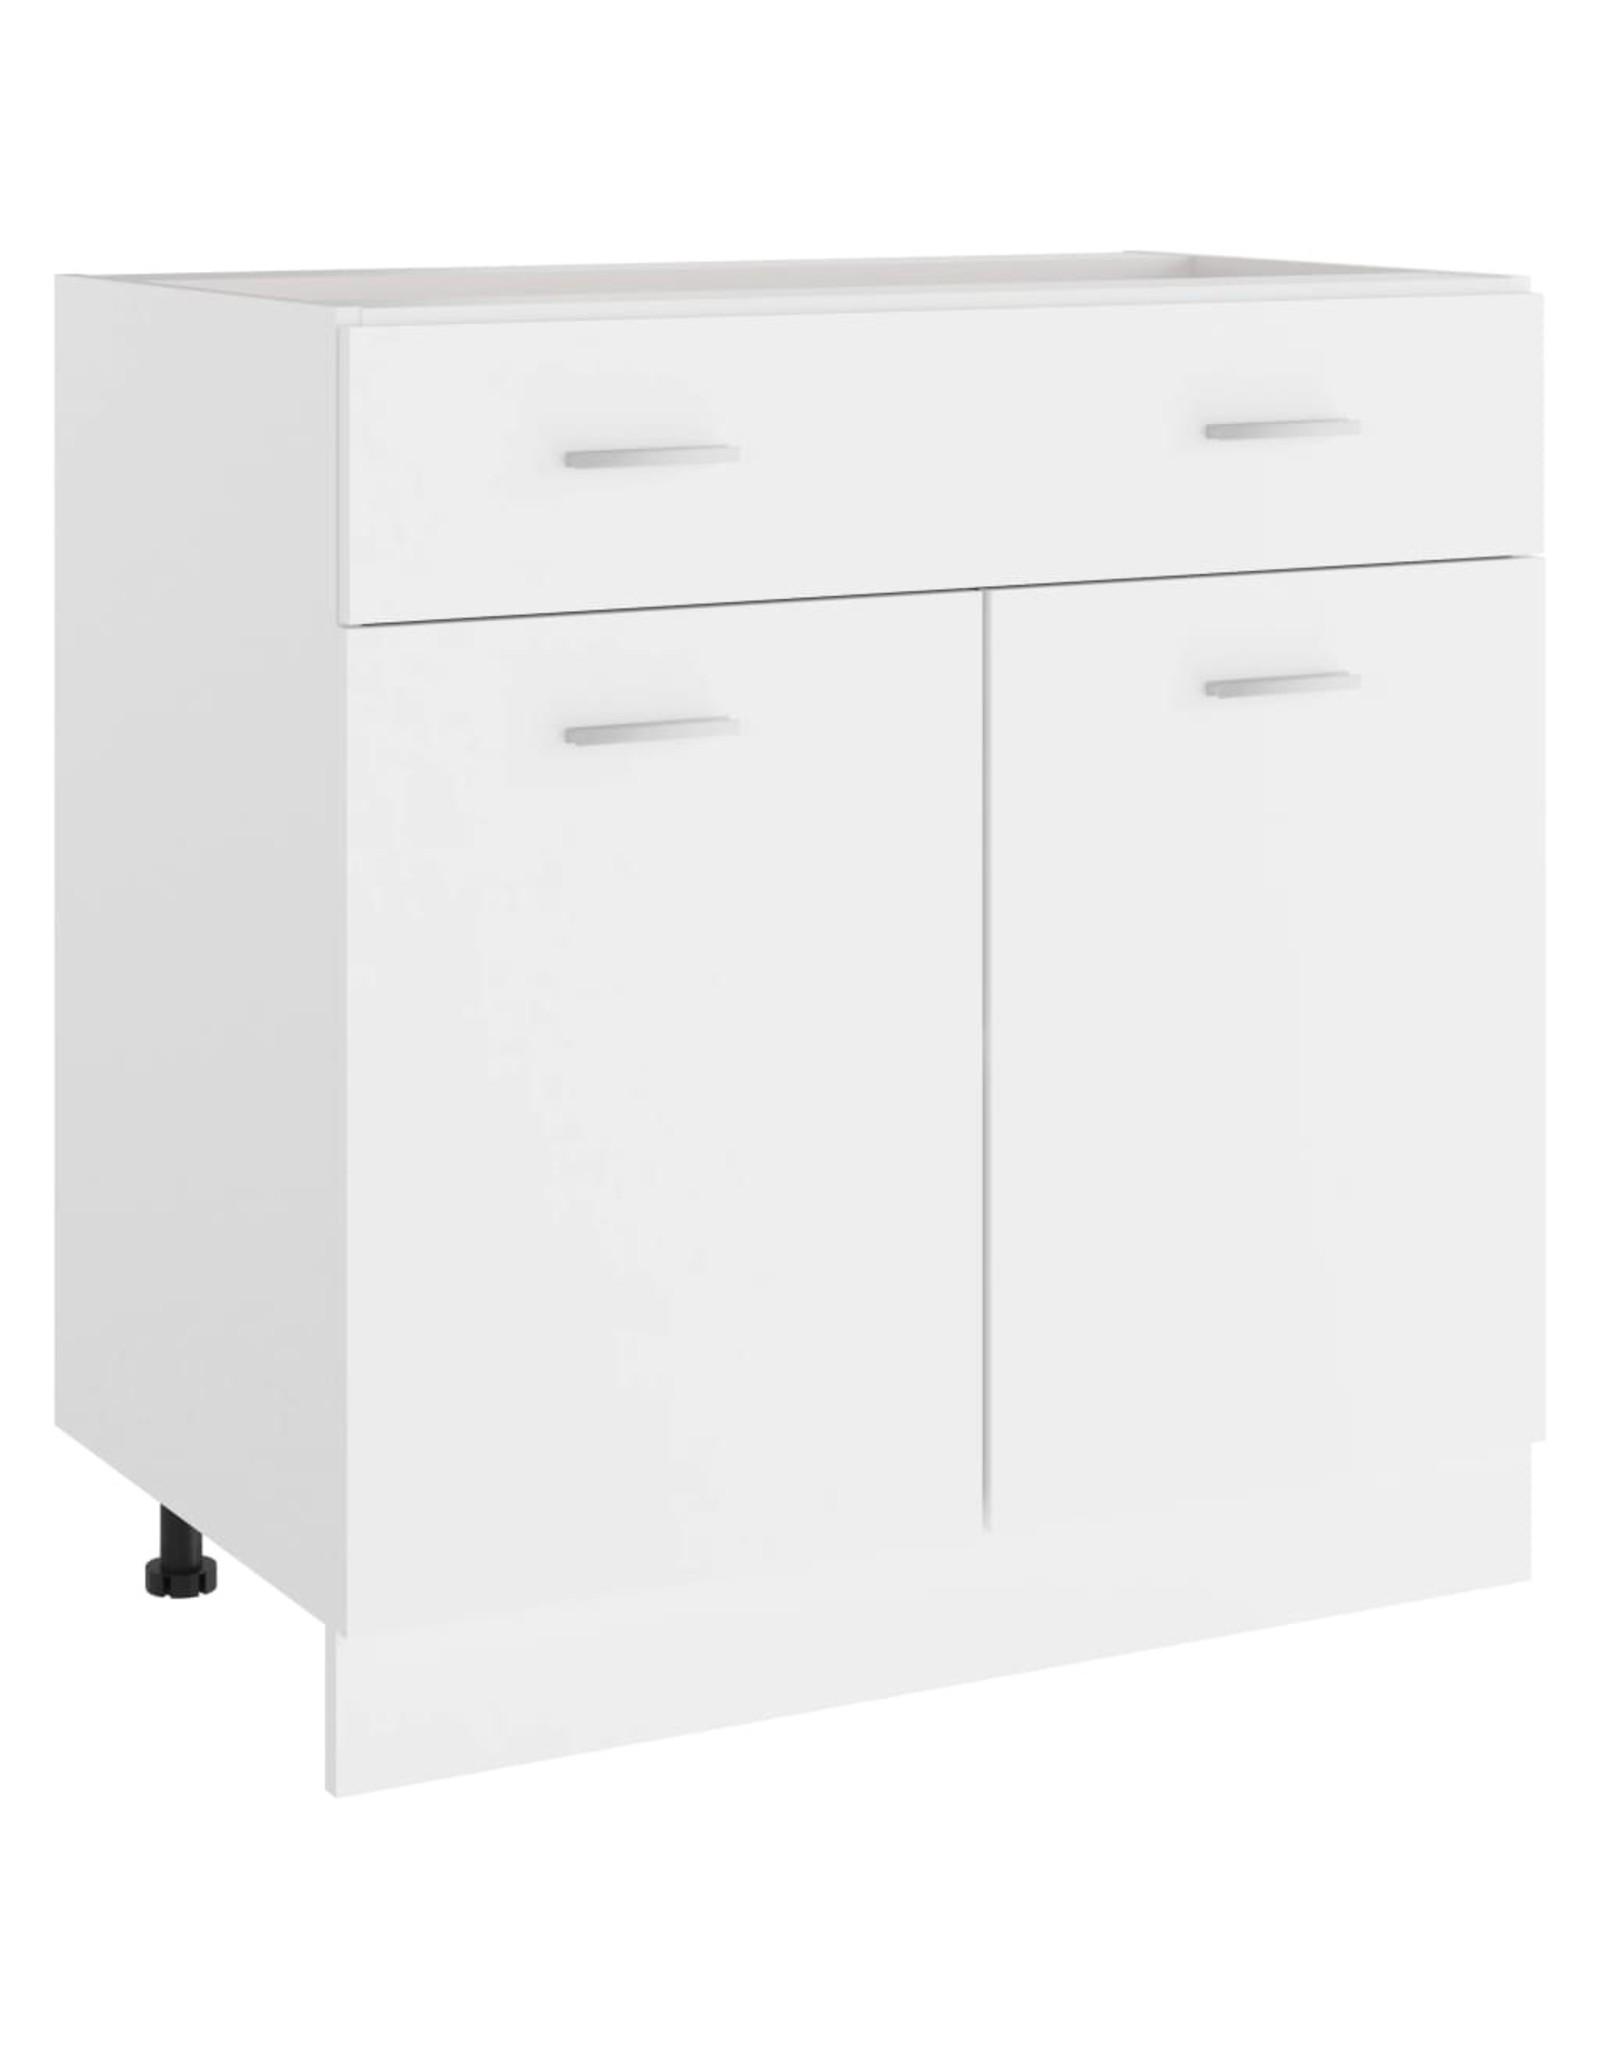 Onderkast met lade 80x46x81,5 cm spaanplaat wit